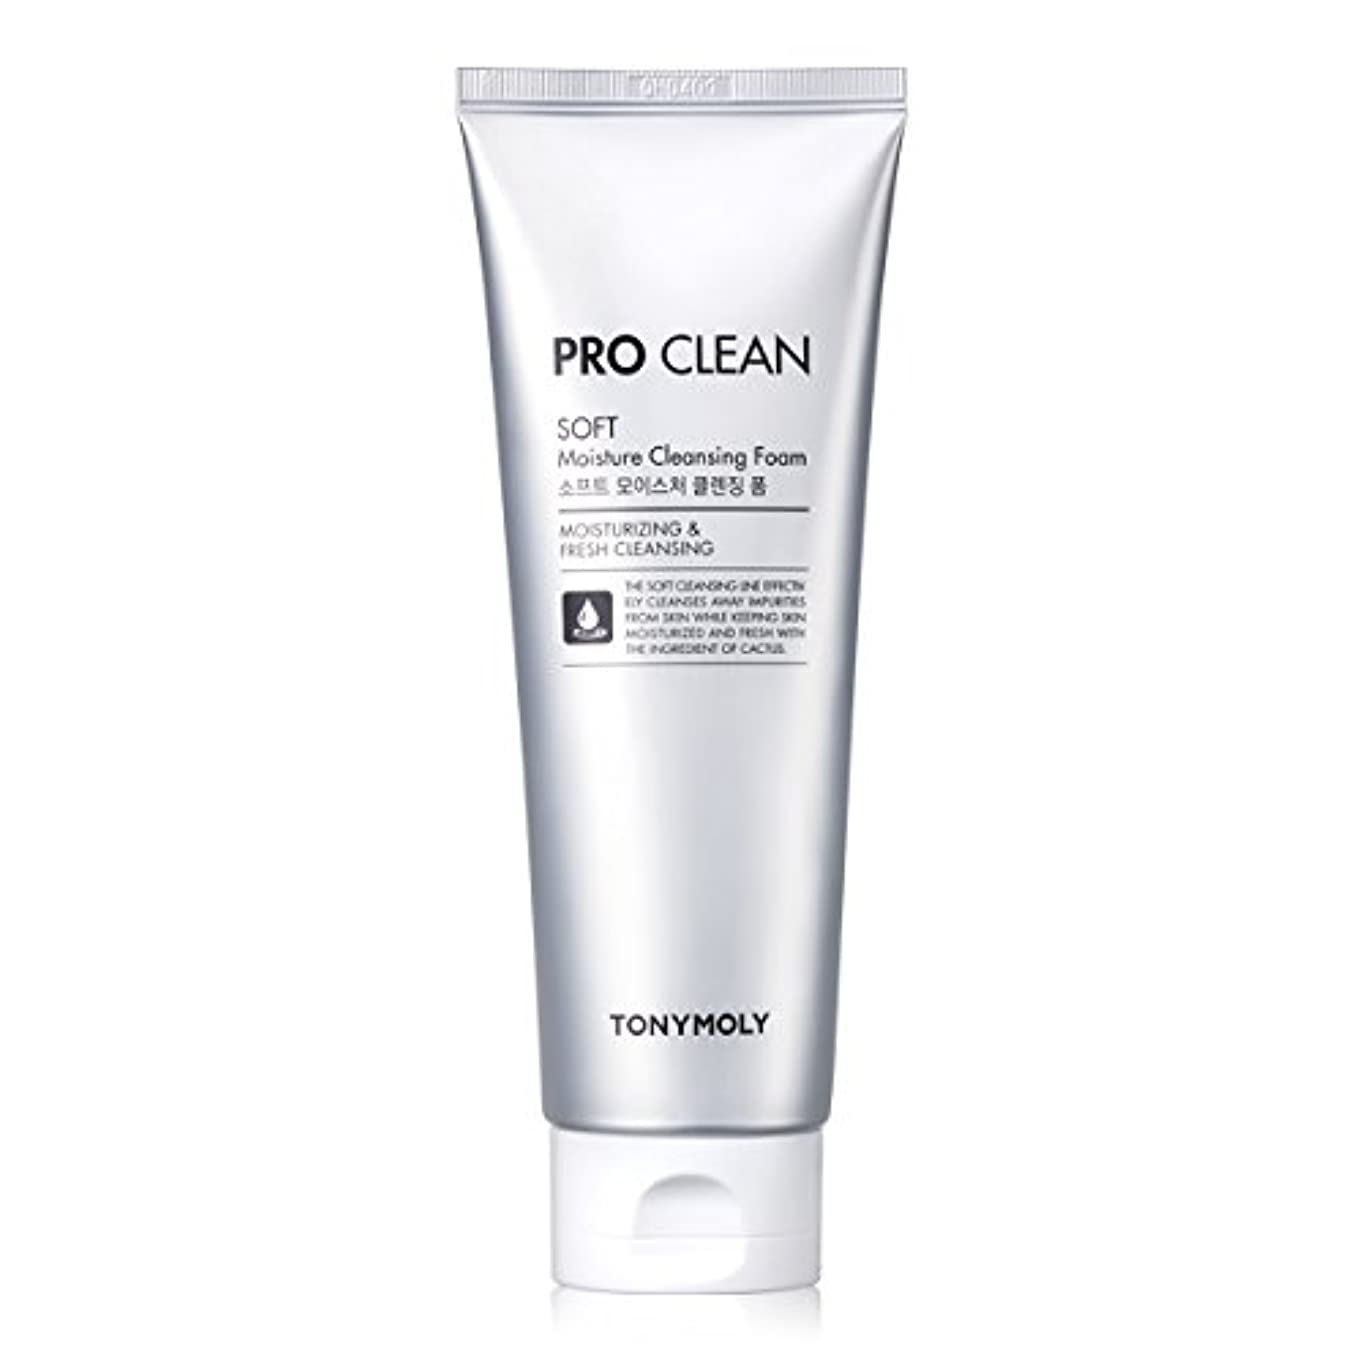 検出器作業金額[New] TONYMOLY Pro Clean Soft Moisture Cleansing Foam 150ml/トニーモリー プロ クリーン ソフト モイスチャー クレンジングフォーム 150ml [並行輸入品]